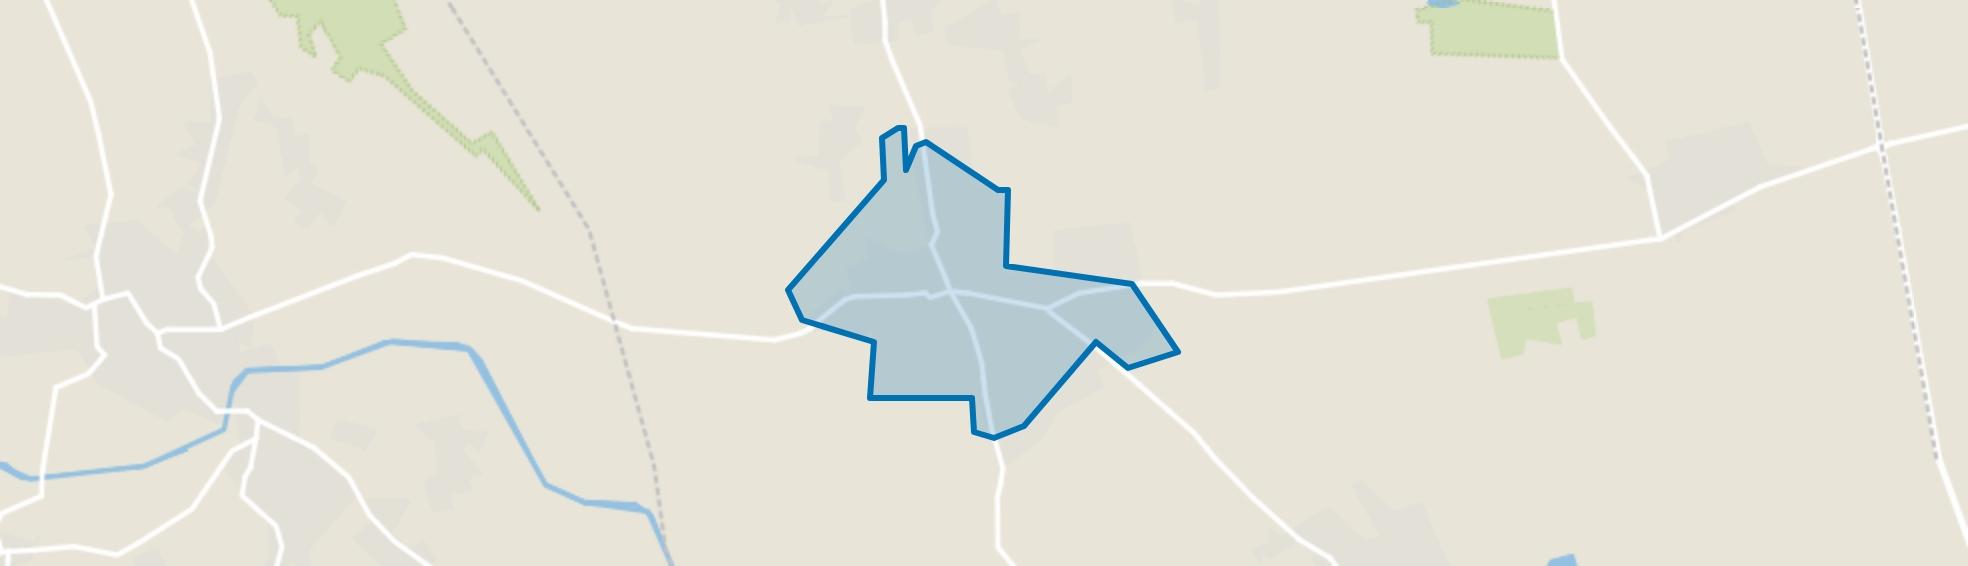 Boekel, Boekel map